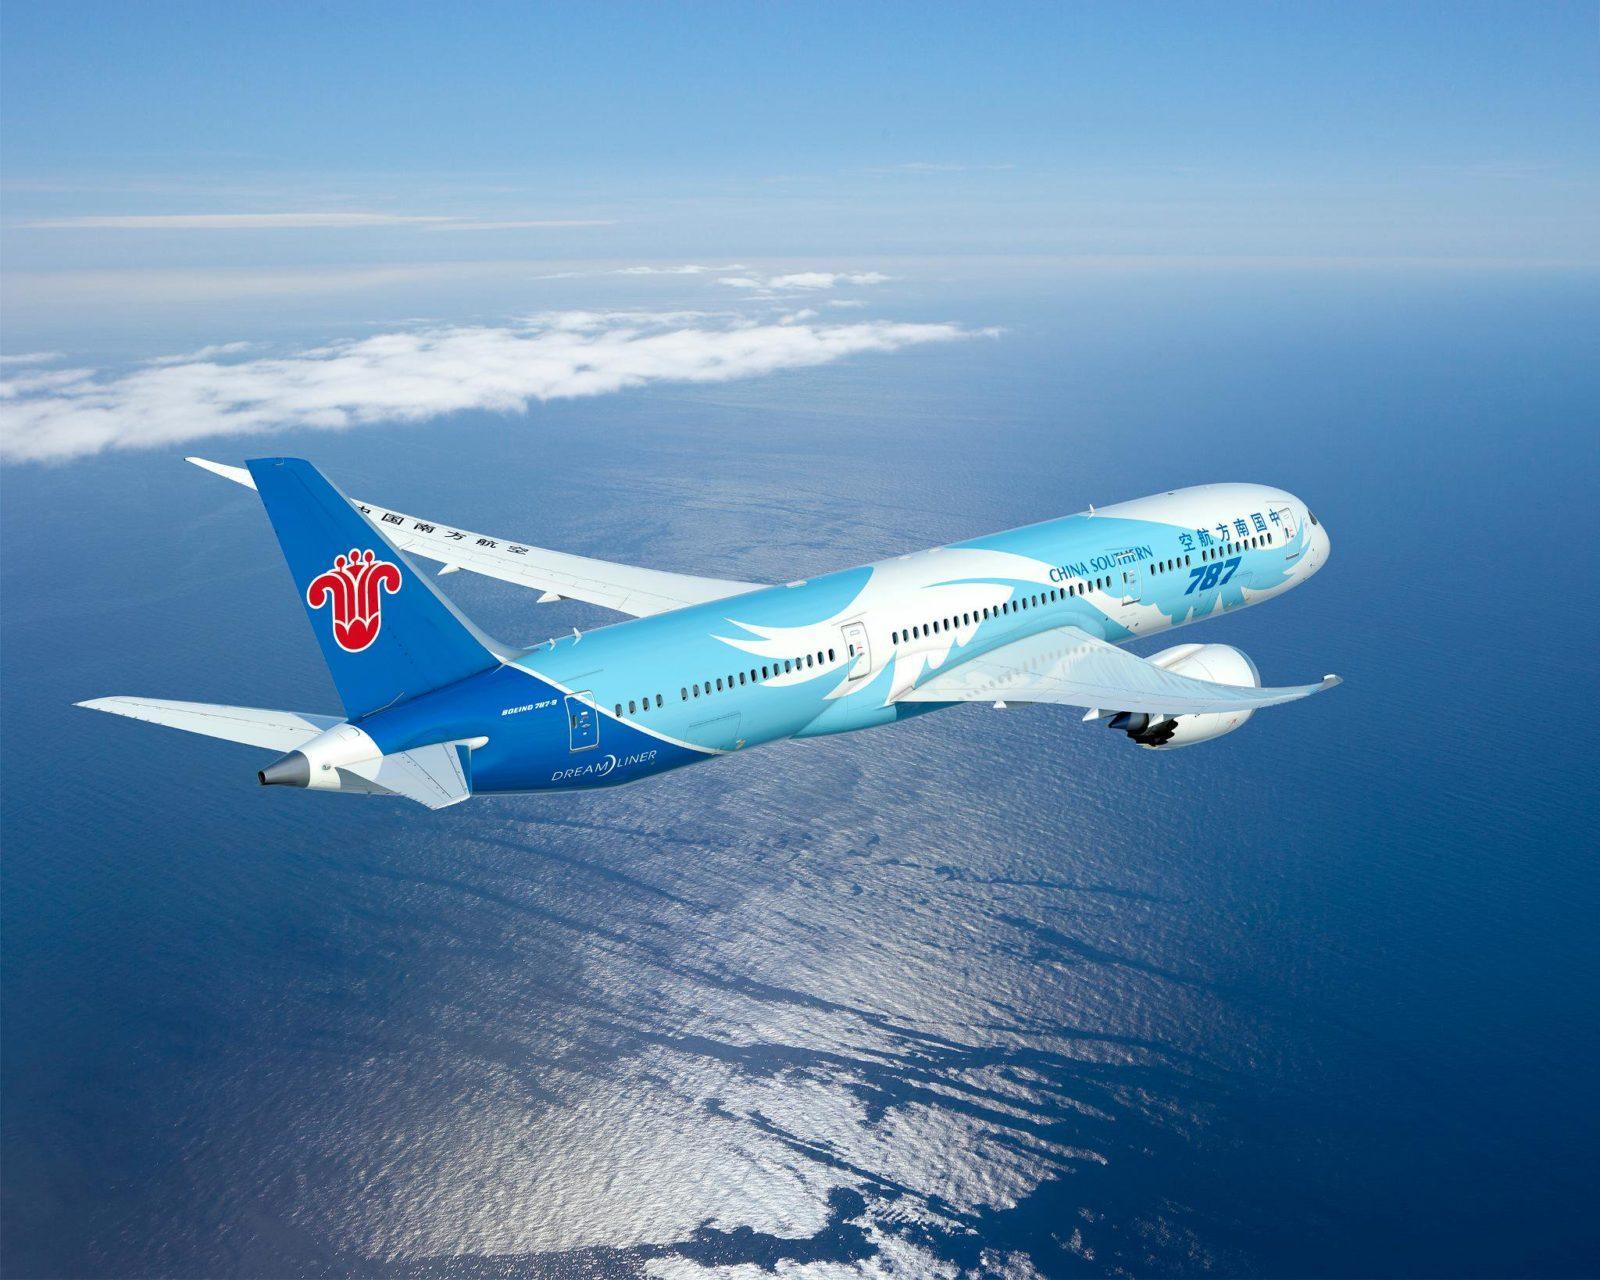 China Southern - ავიაკომპანია სამხრეთ ჩინეთის ავიახაზები - China Southern Airlines